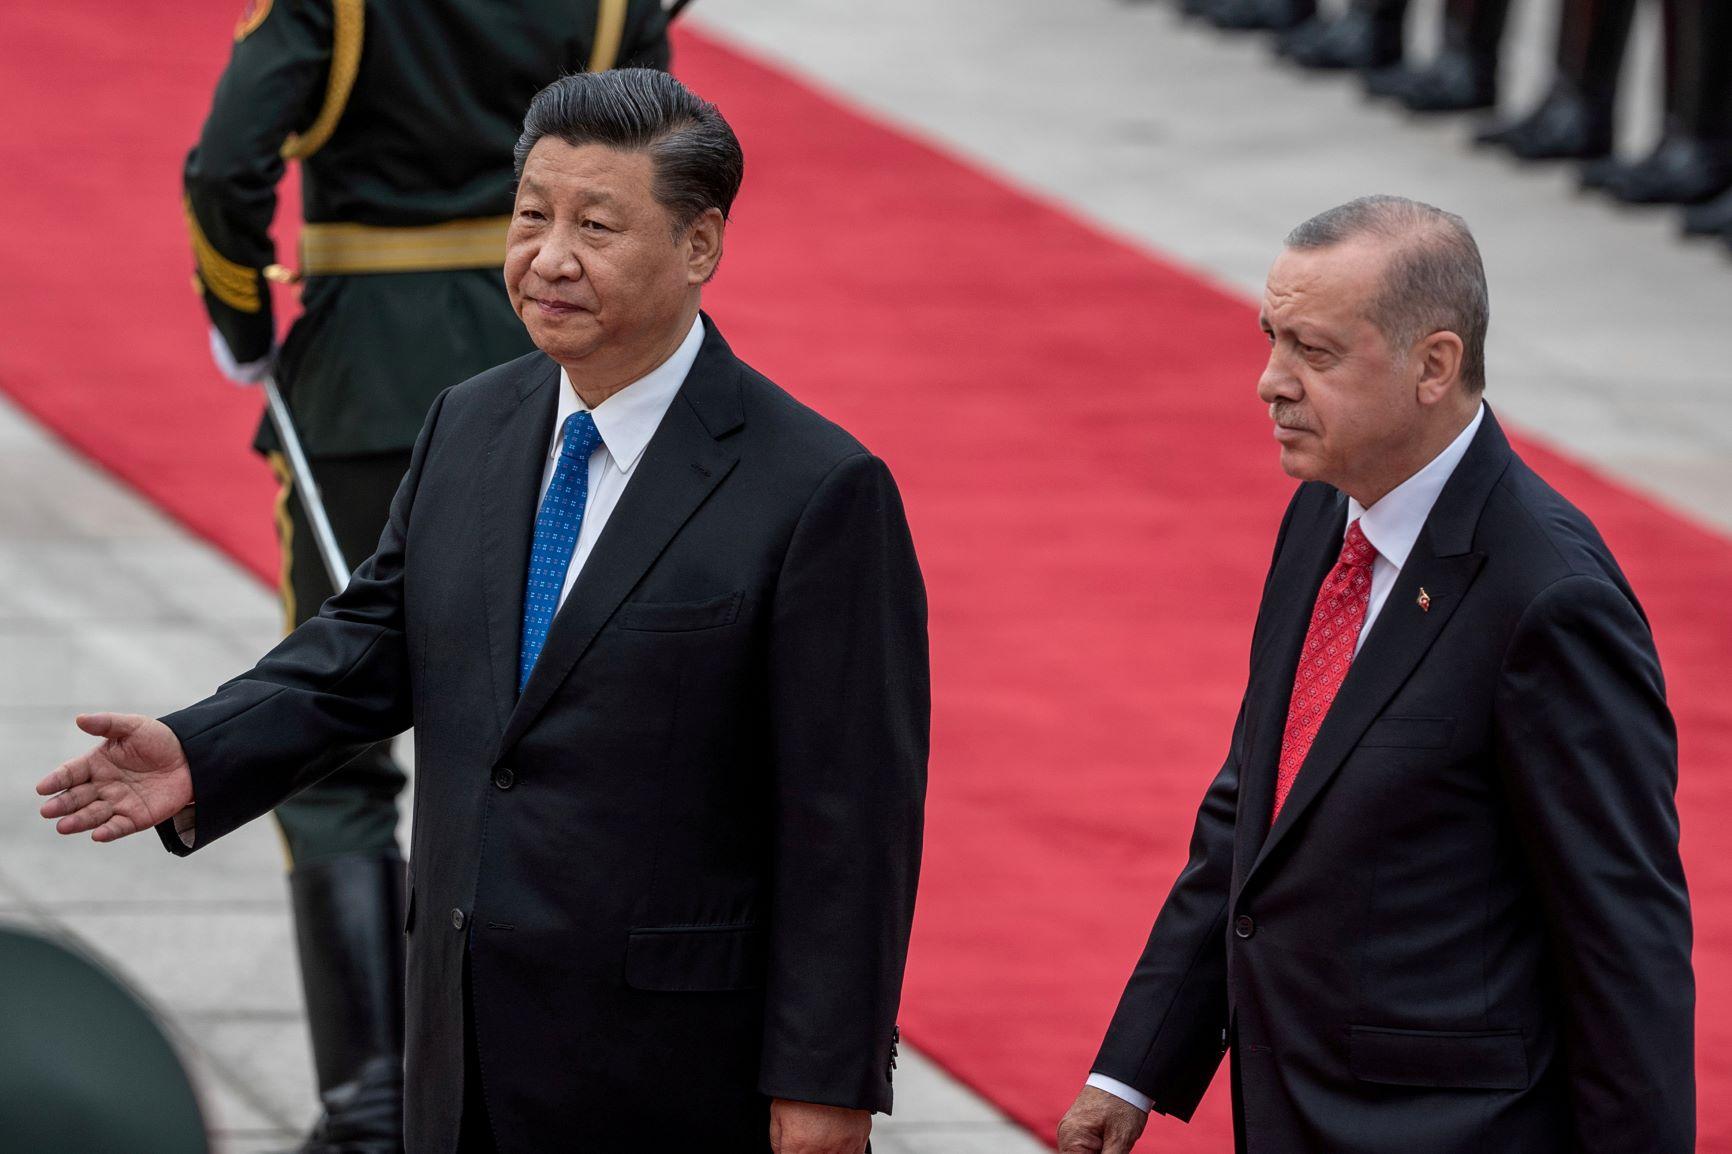 """يندرج الرئيس الصيني تشي جين بينغ (إلى اليسار) والتركي رجب طيب أردوغان، ضمن نظم تنأى عن الديمقراطية لمصلحة مفهوم """"الزعيم القوي"""""""